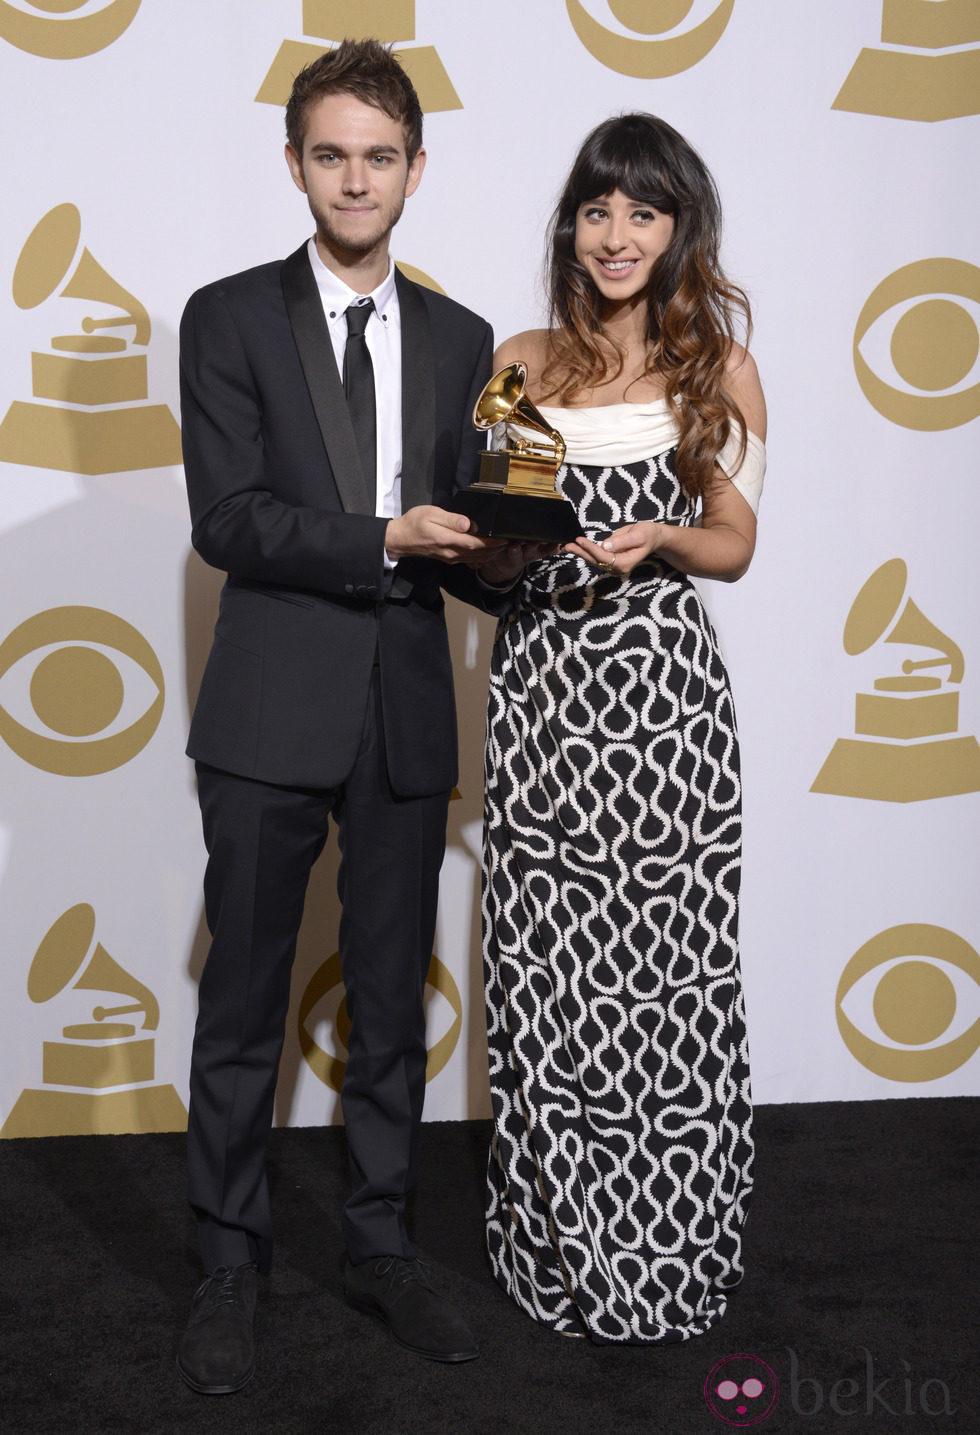 Zedd y Foxes con su premio en los Grammy 2014